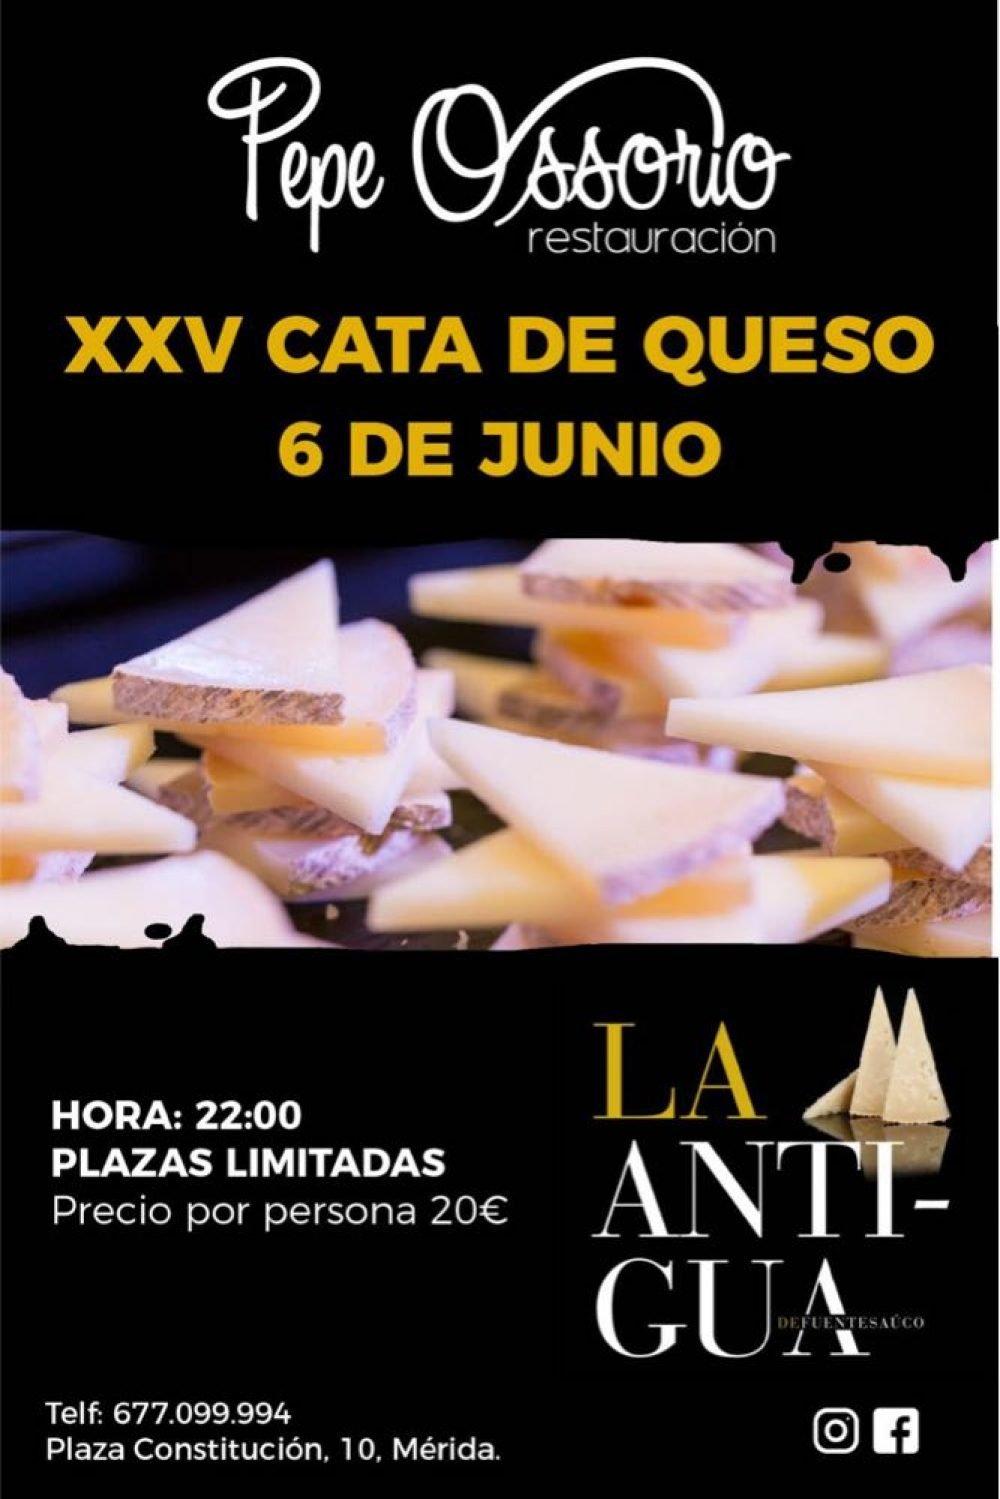 XXV Cata de queso